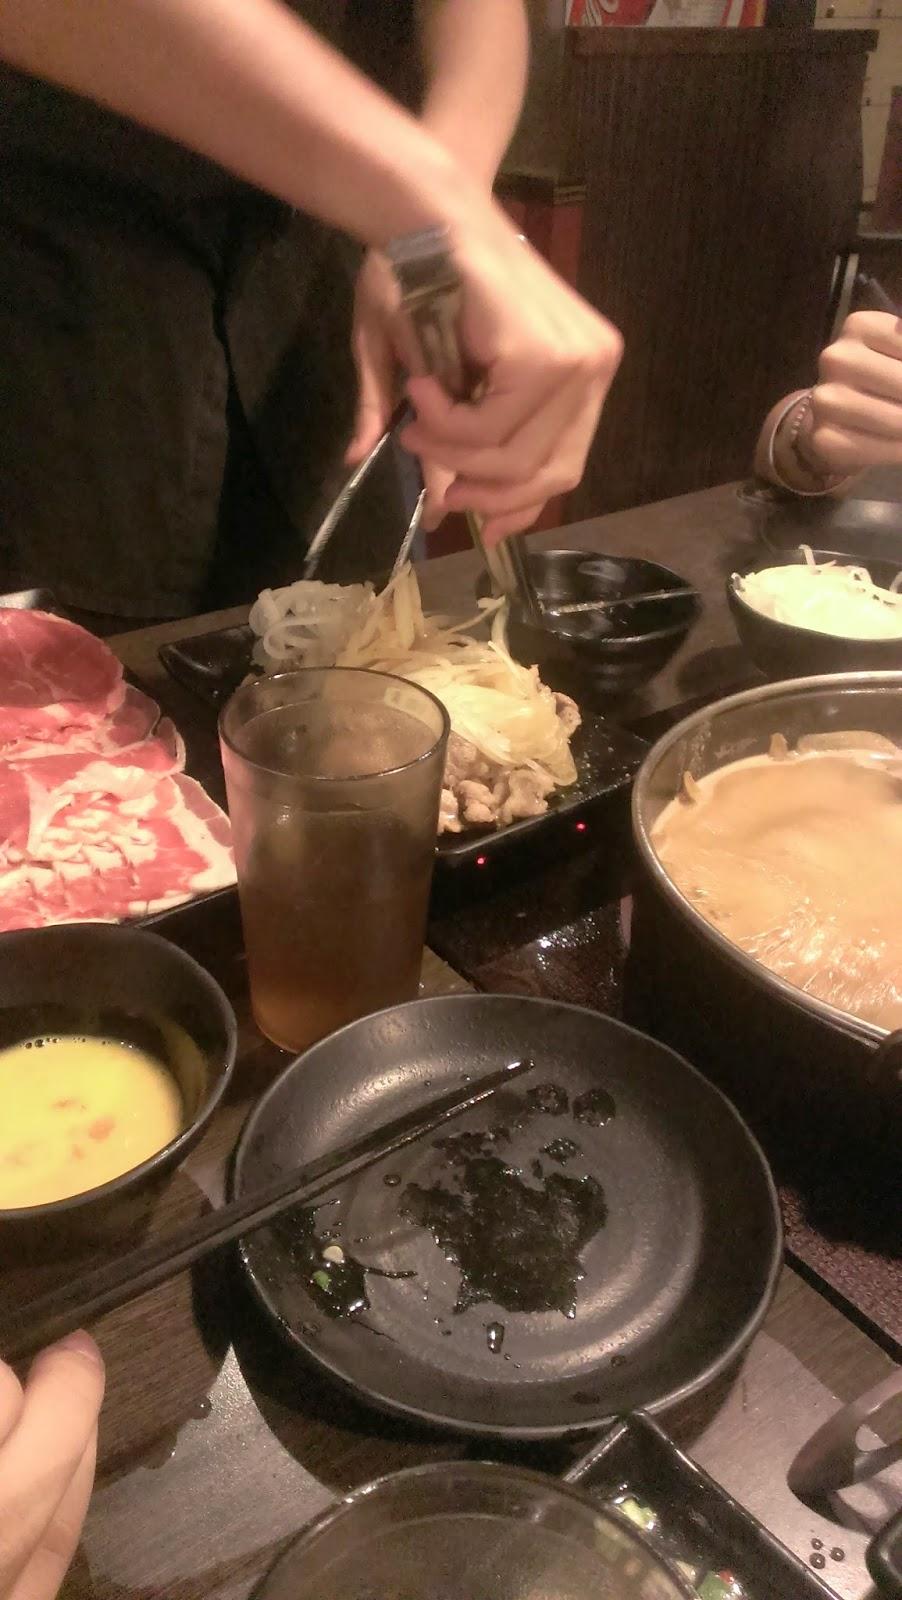 2014 11 09%2B17.24.29 - [食記] 潮肉壽喜燒 - 平價多樣的壽喜燒吃到飽